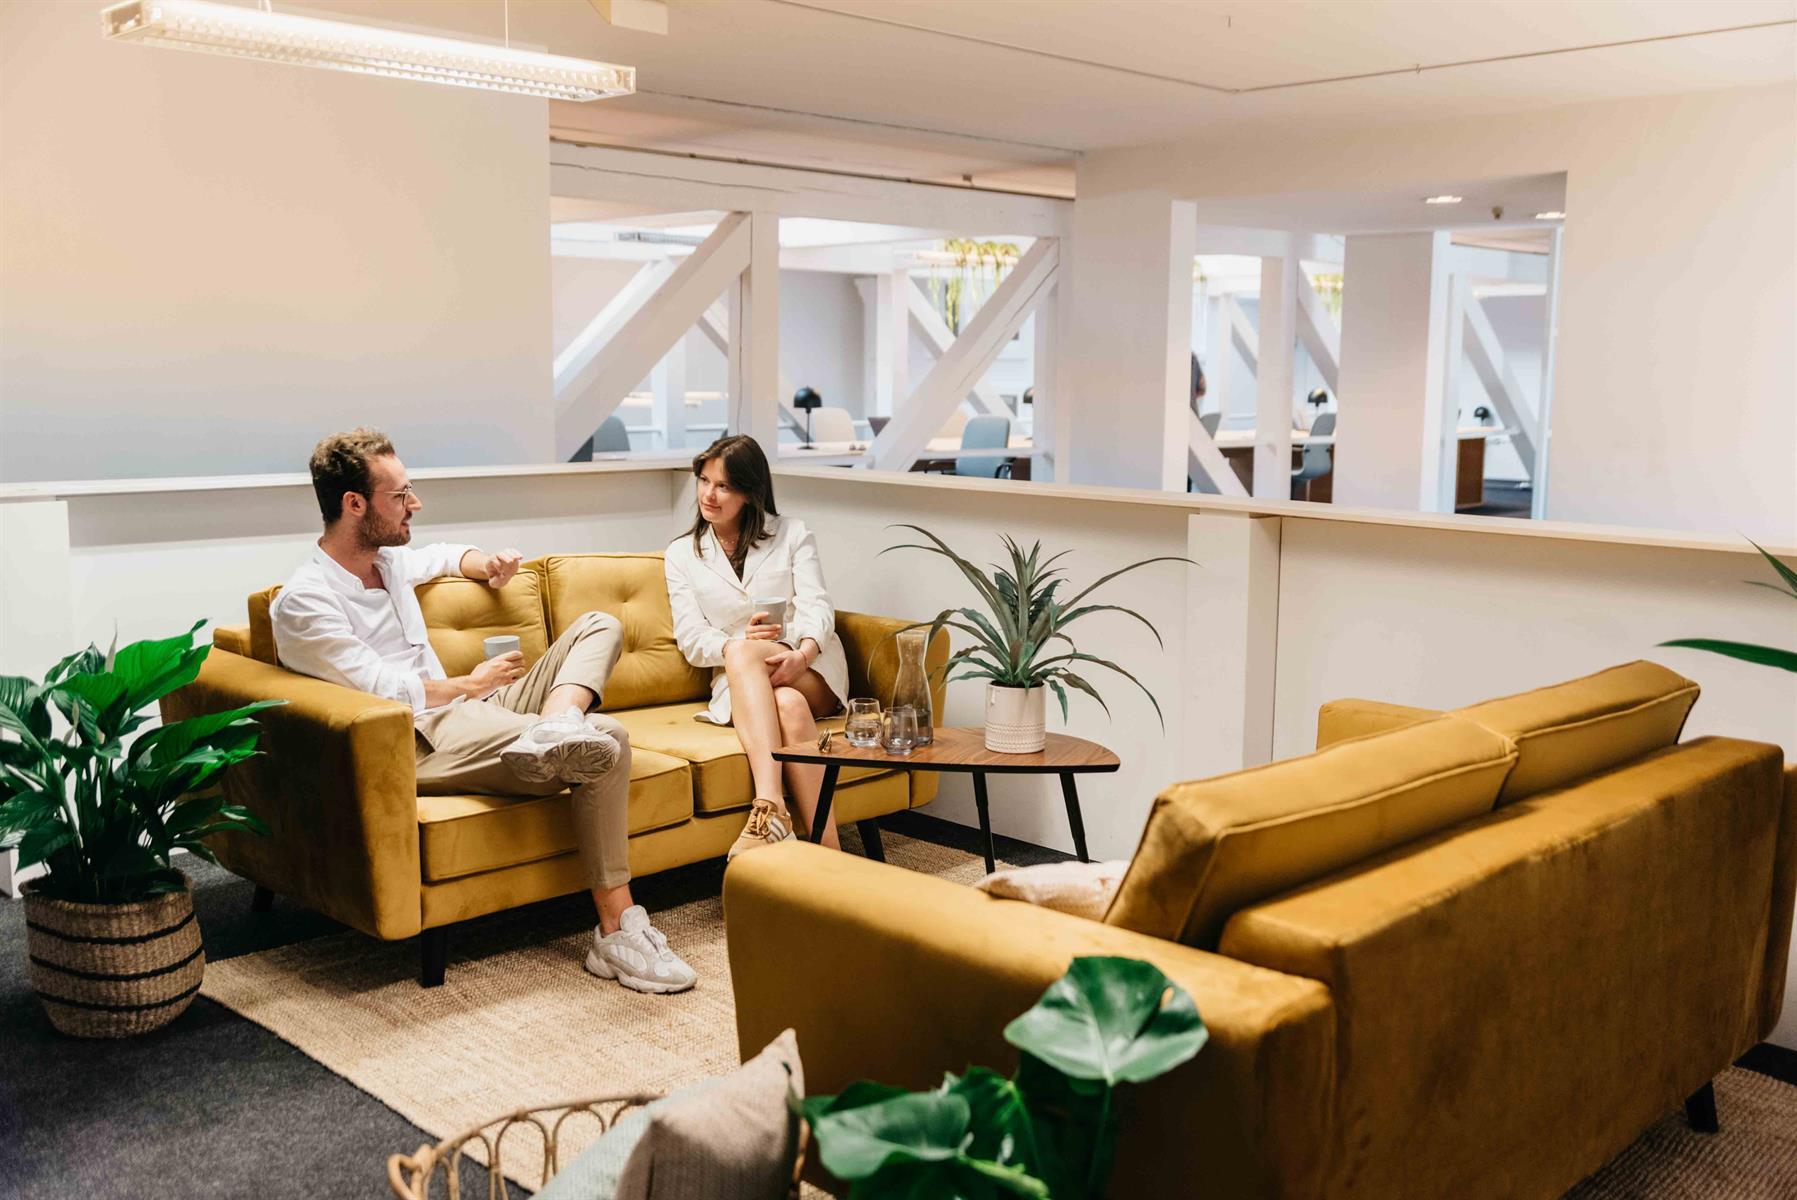 kantoor te huur Flexy - IJzerenpoortkaai 3, 2000 Antwerpen, België 2